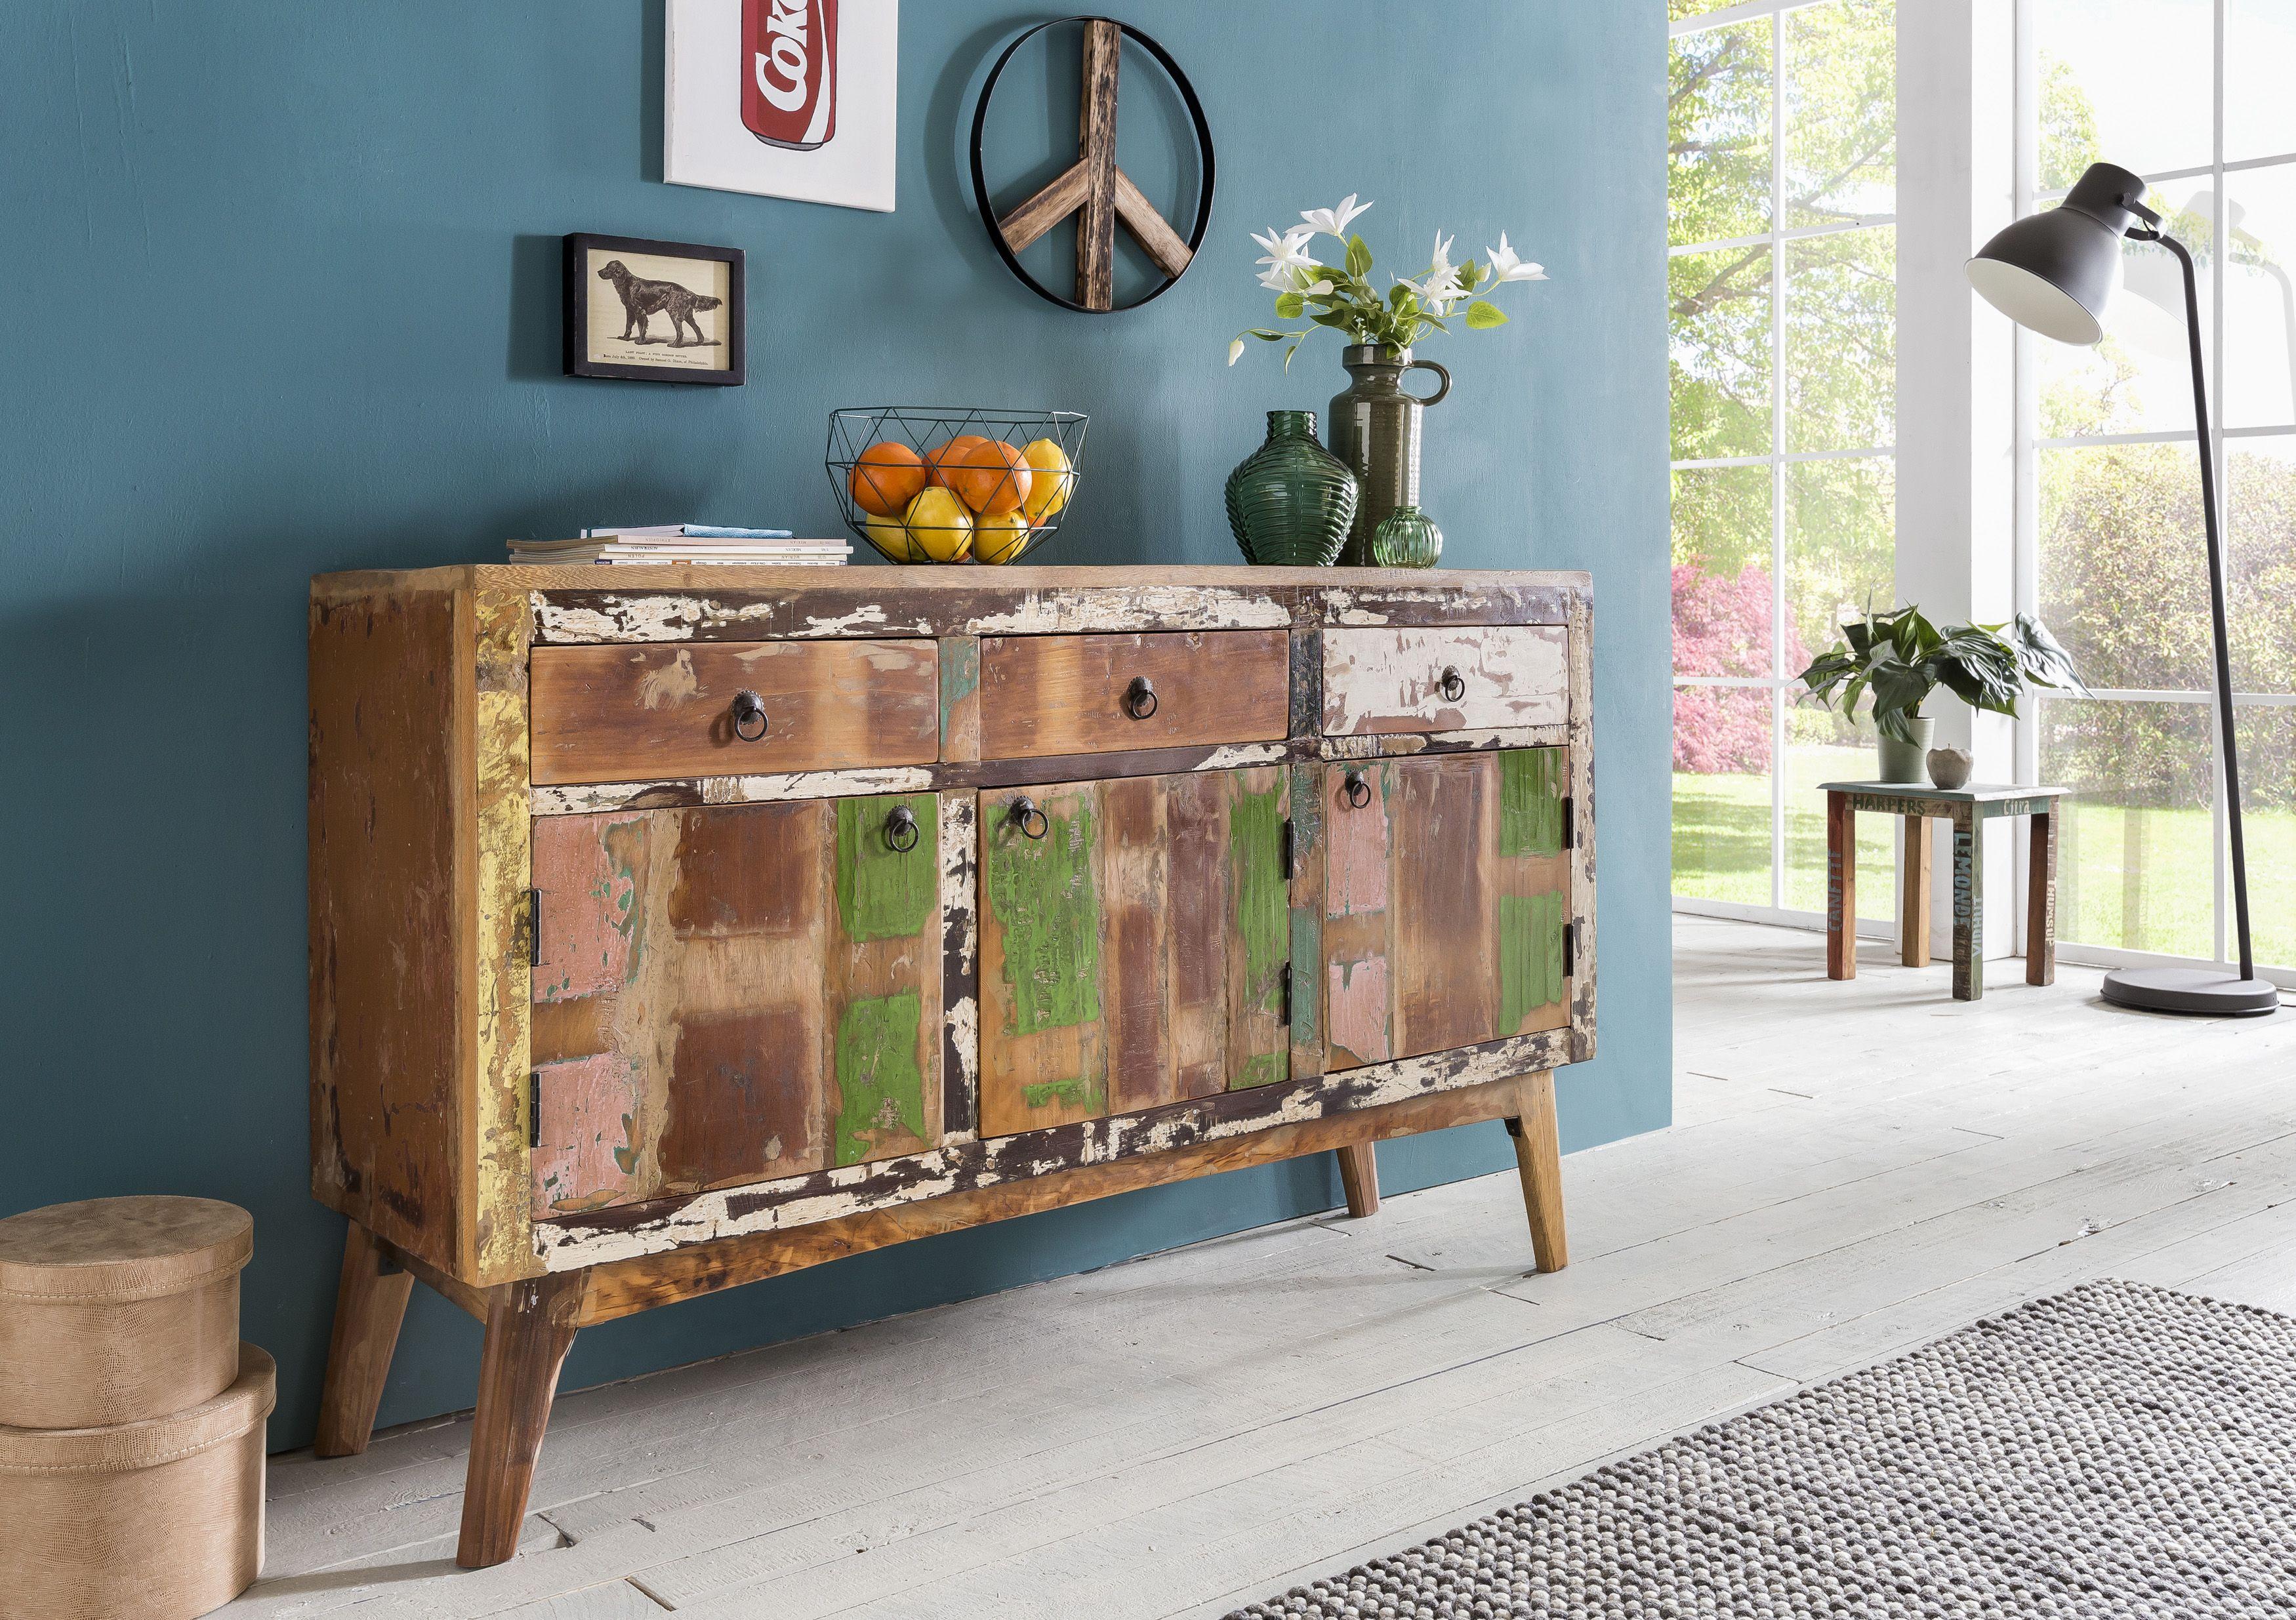 Wohnling Sideboard Vata Wl5 417 Aus Massivholz Kommode Holz Bunt Rustikal Schlafzimmer Wohnzimmer Schabby Schick Kommode Shabby Chic Shabby Chic Mobel